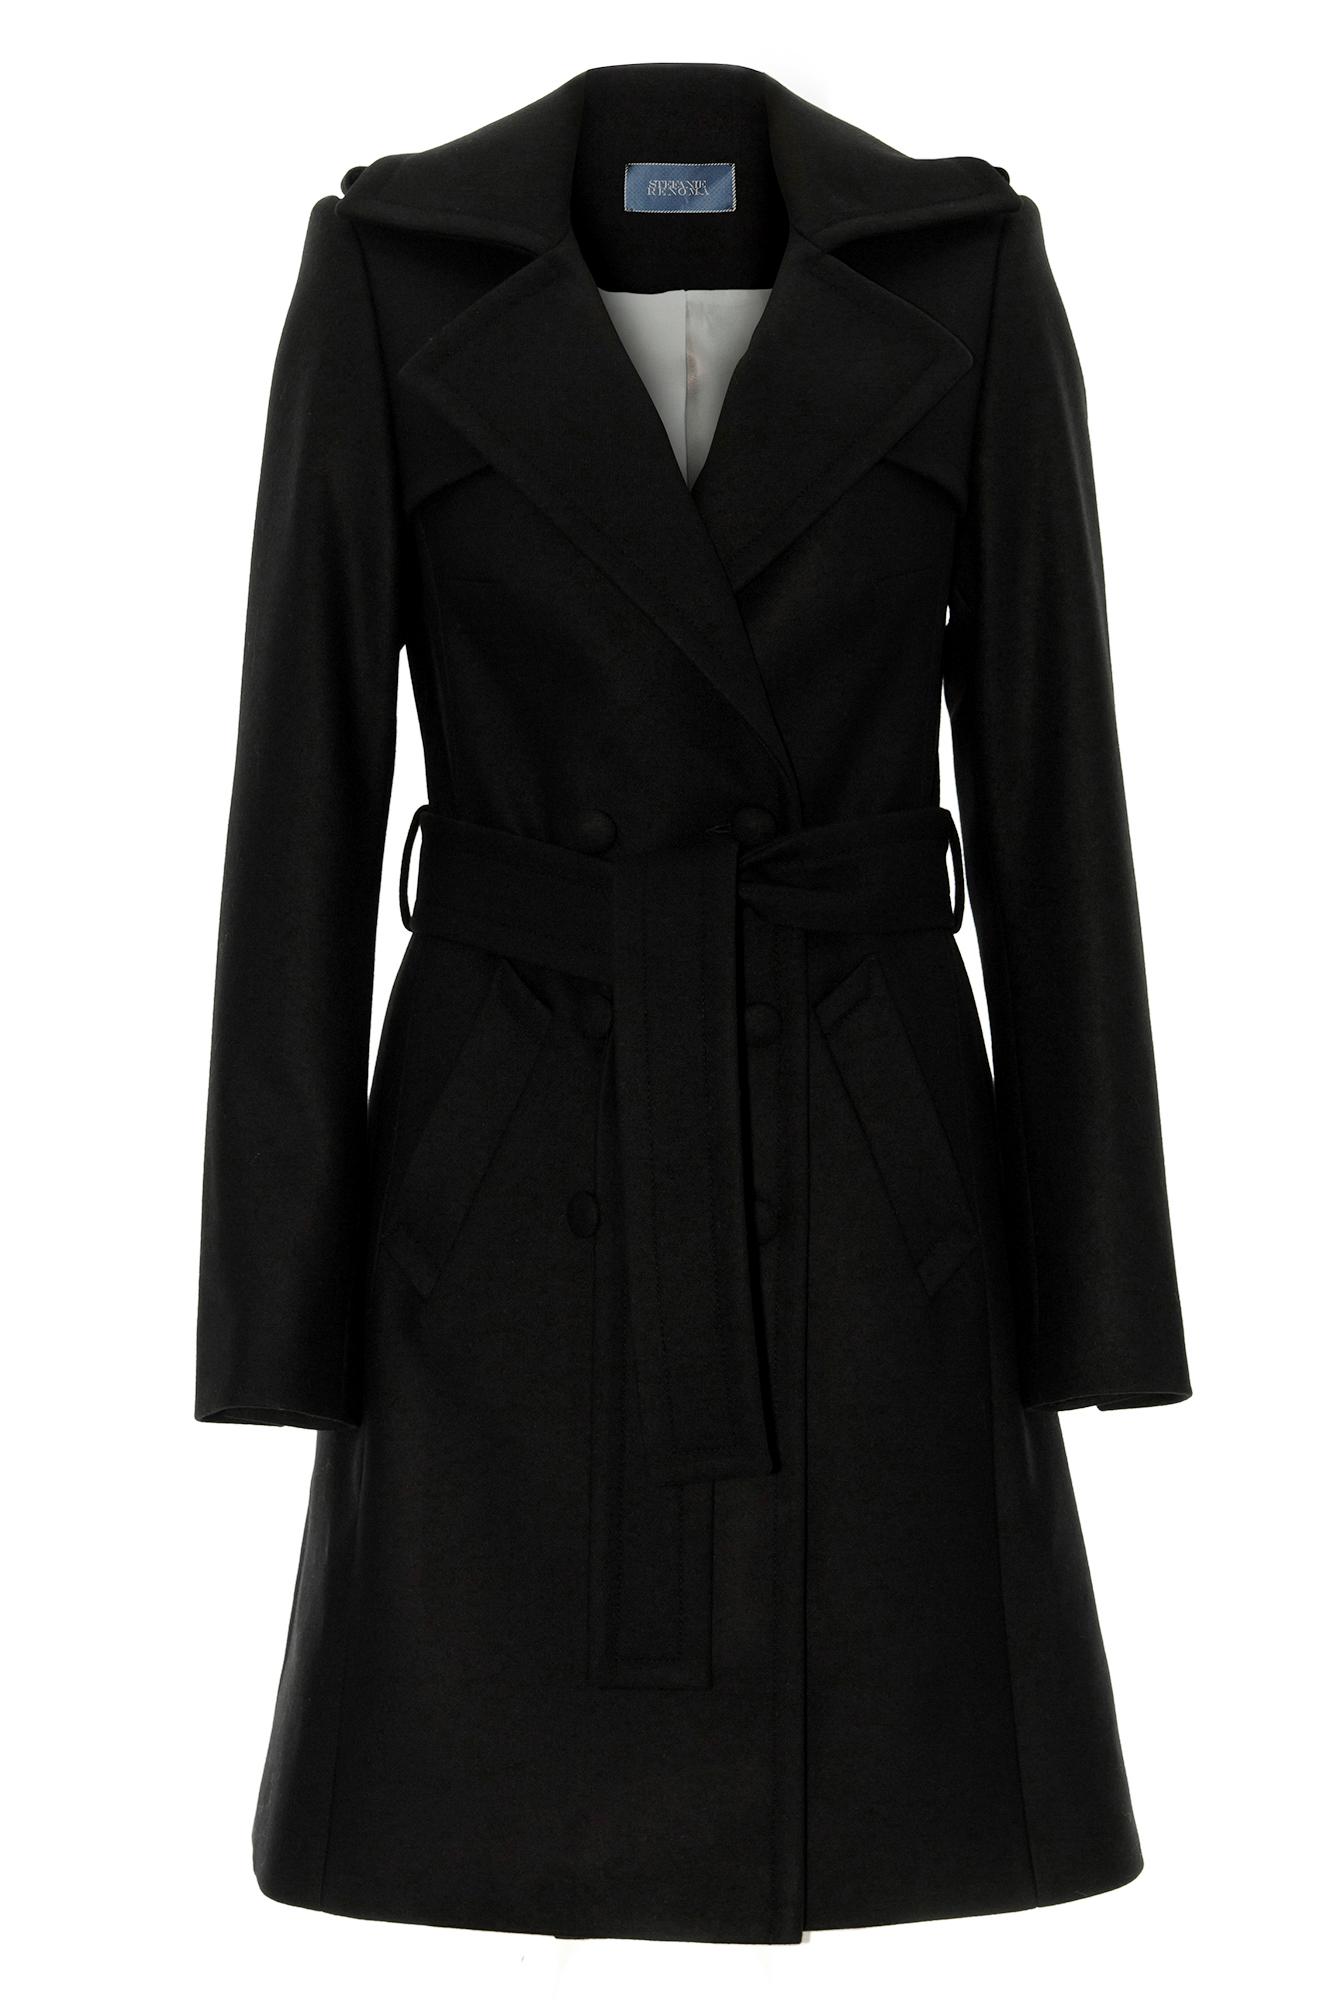 manteau cachemire manteau noir manteau mi long manteau. Black Bedroom Furniture Sets. Home Design Ideas